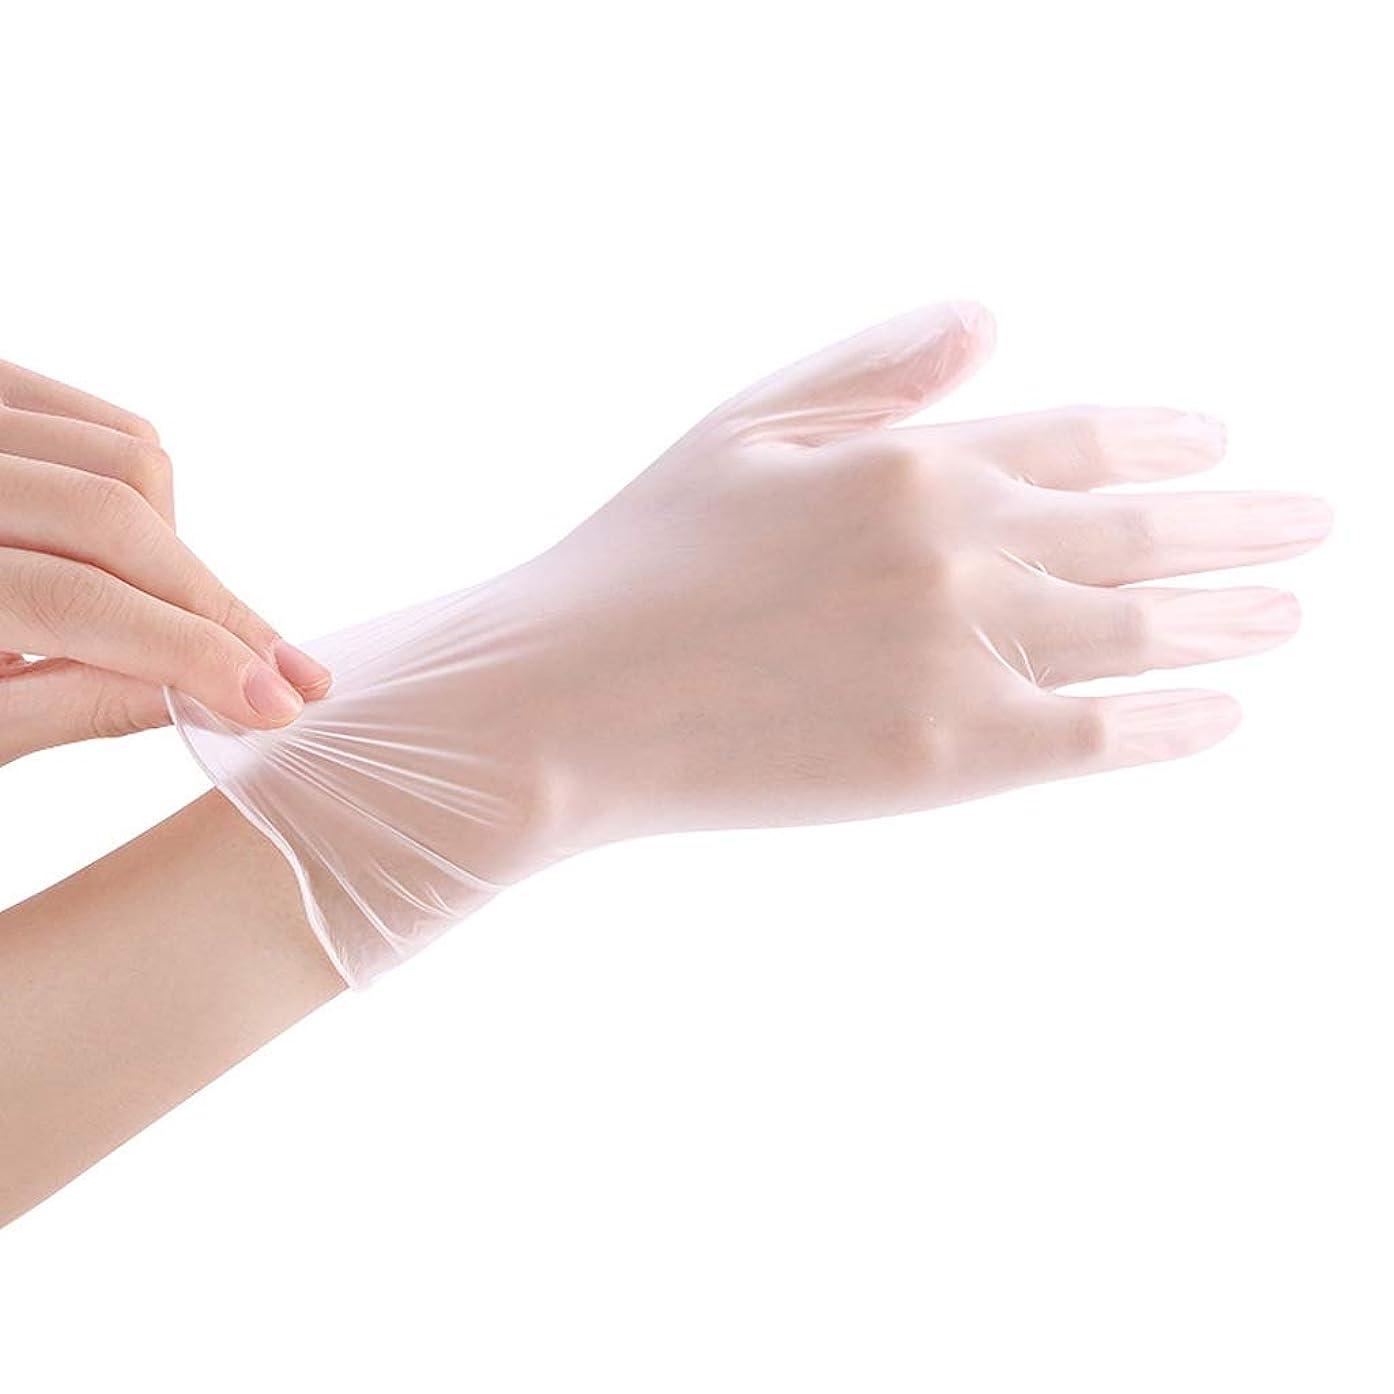 増幅する式アクセサリー使い捨て透明食品ケータリンググレードPVC手袋美容キッチンベーキングフィルム手袋200 YANW (色 : トランスペアレント, サイズ さいず : L l)